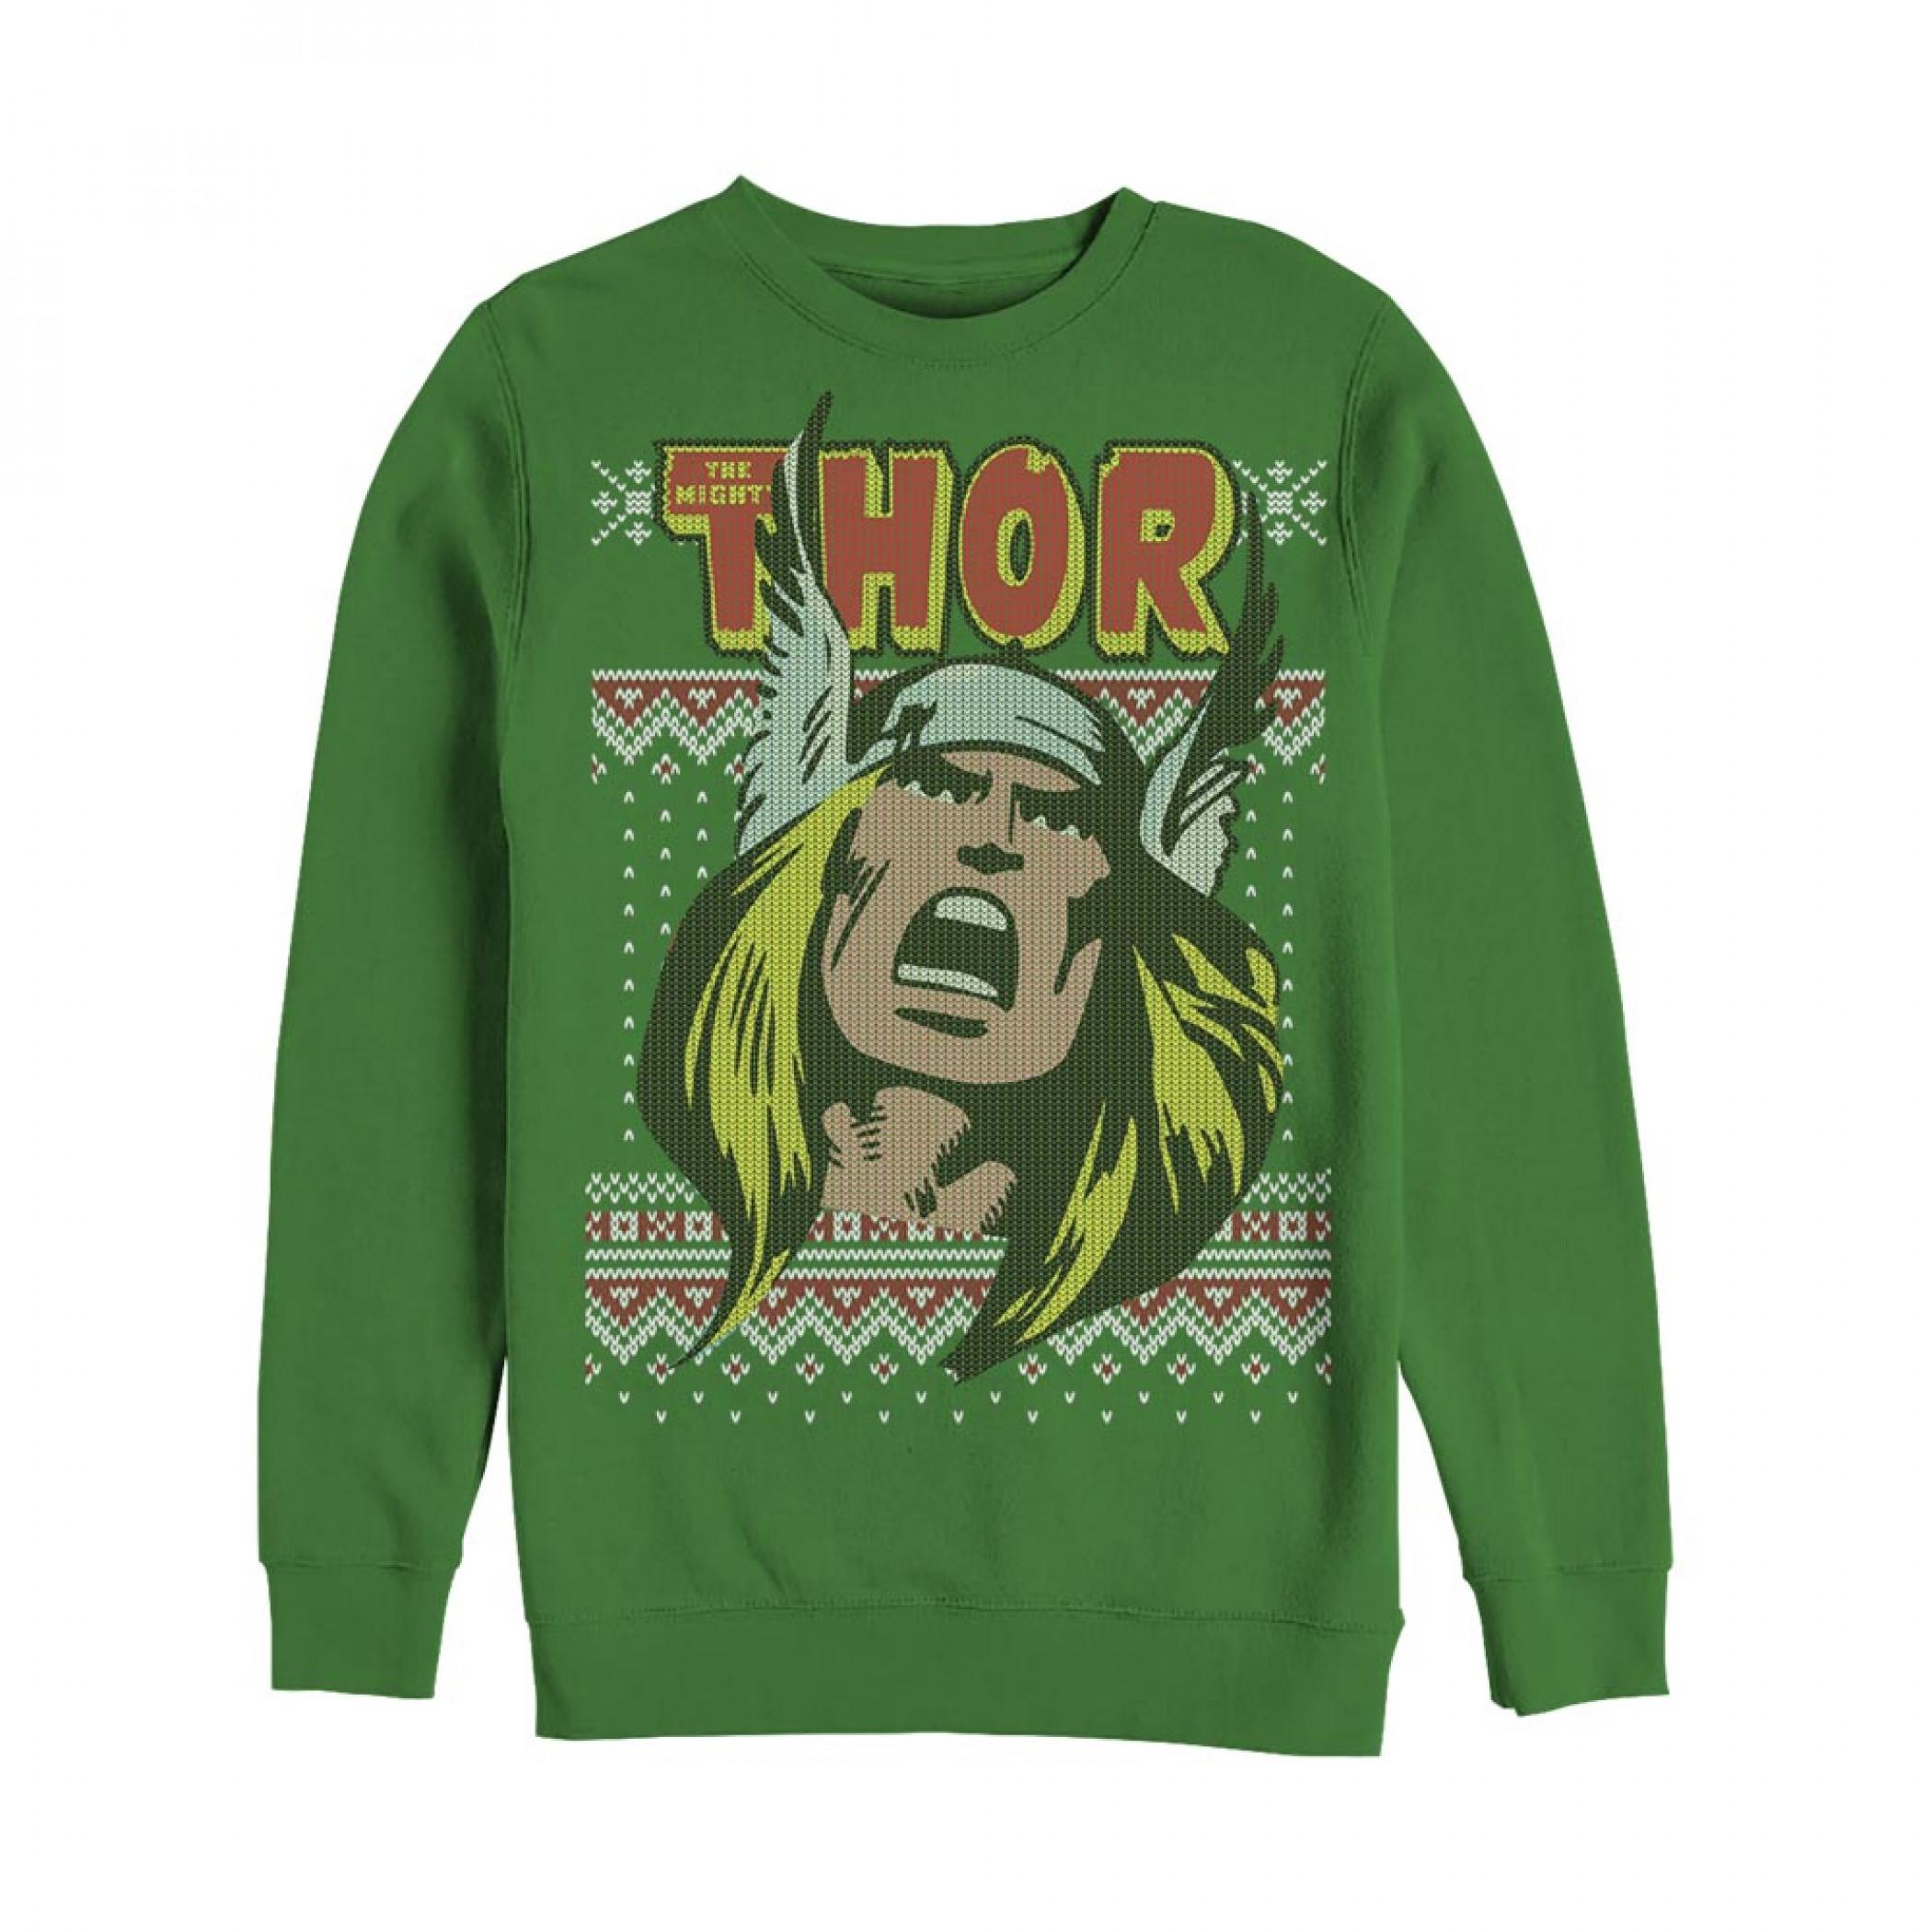 The Mighty Thor Ugly Christmas Sweatshirt